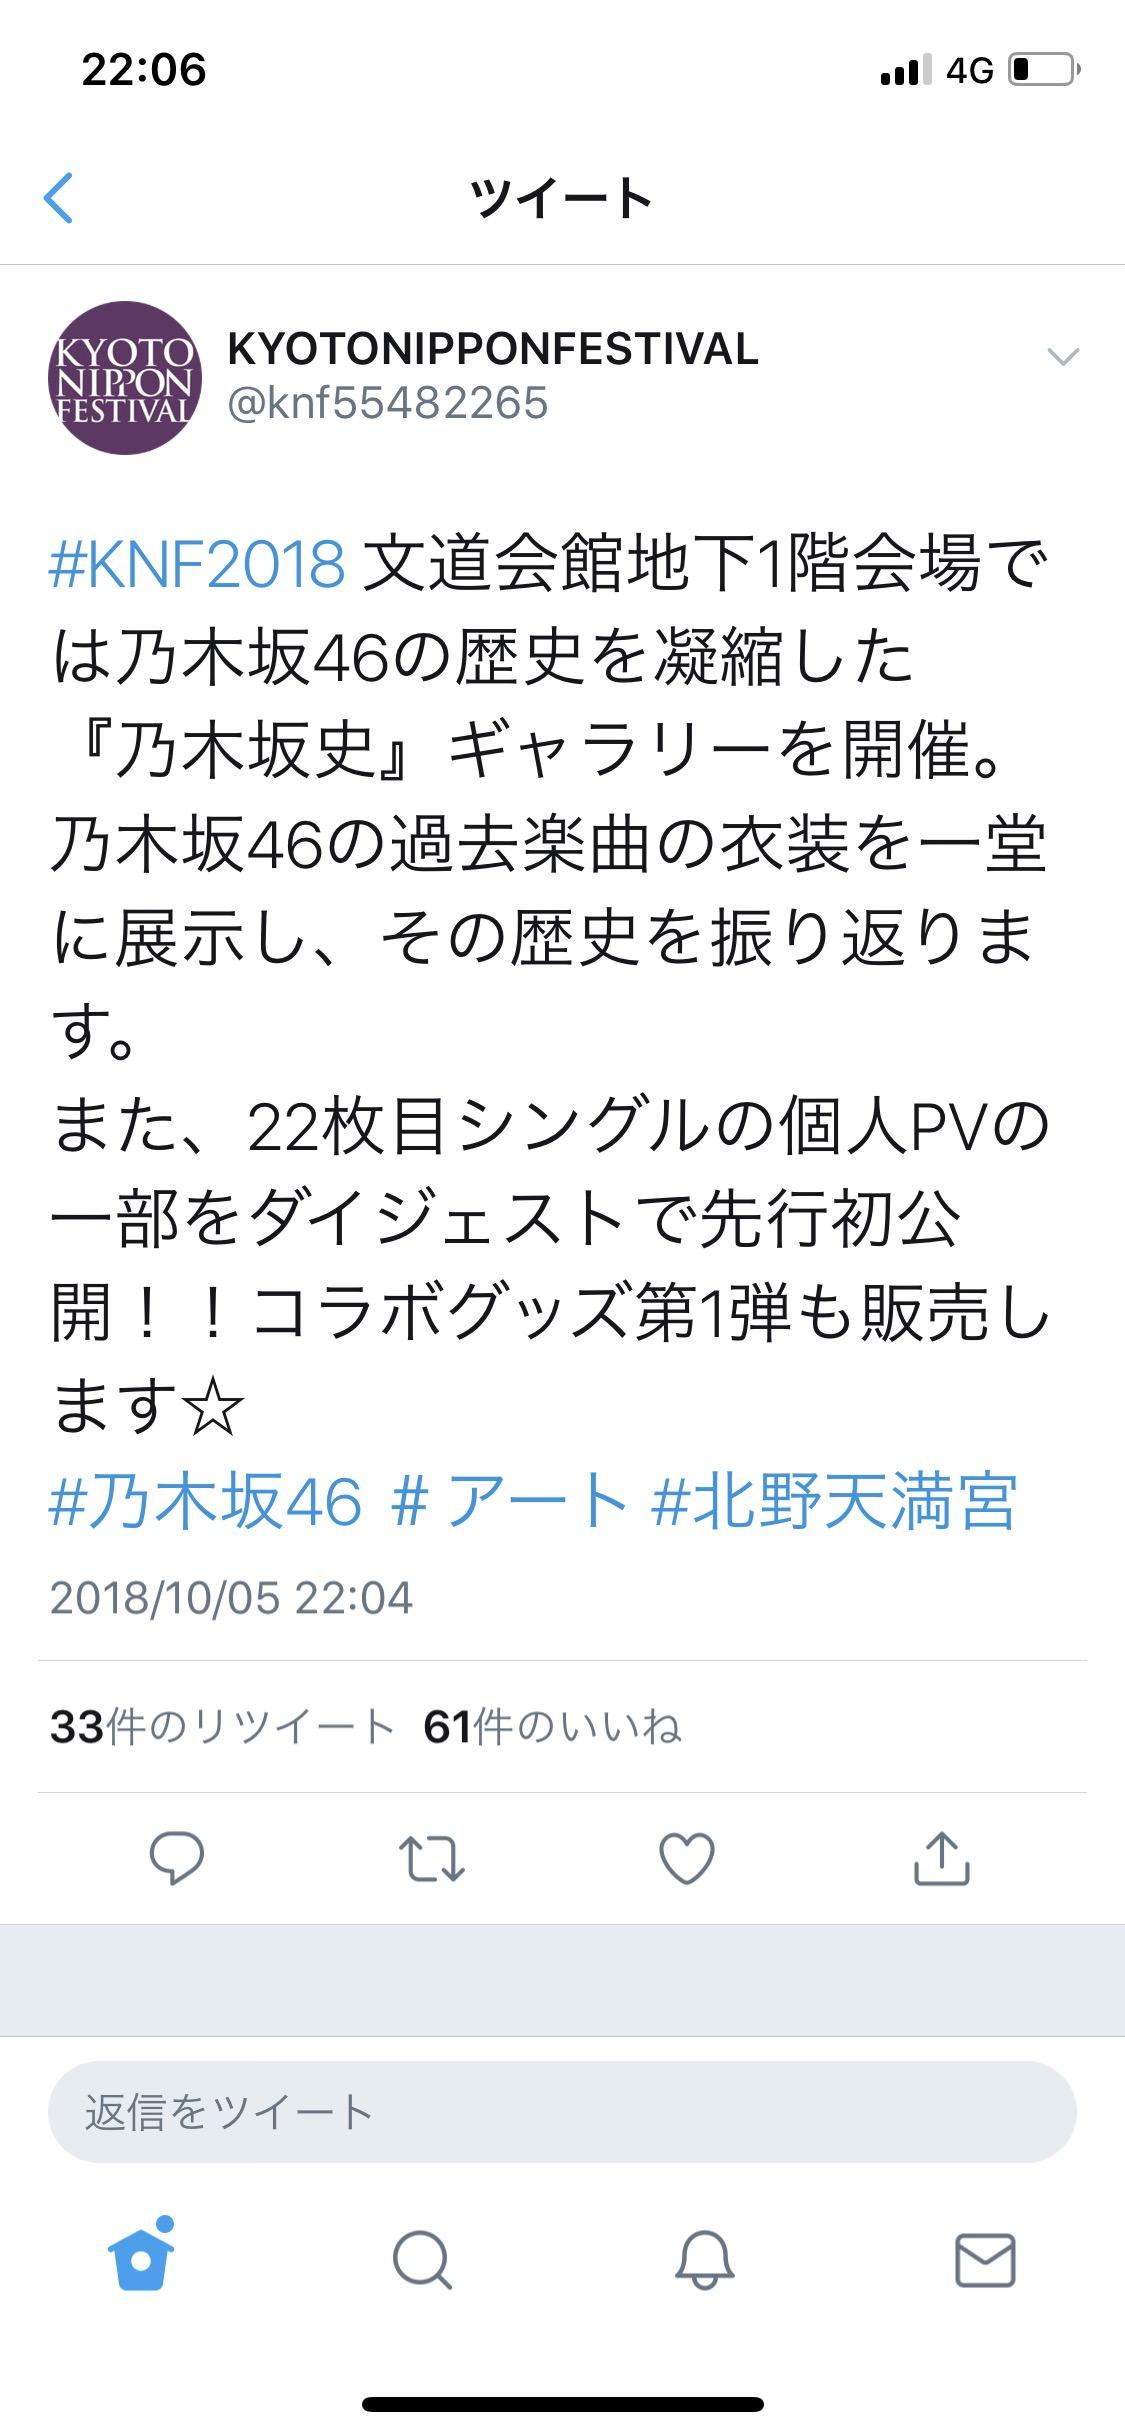 乃木坂46 22ndシングルの特典映像は個人PV